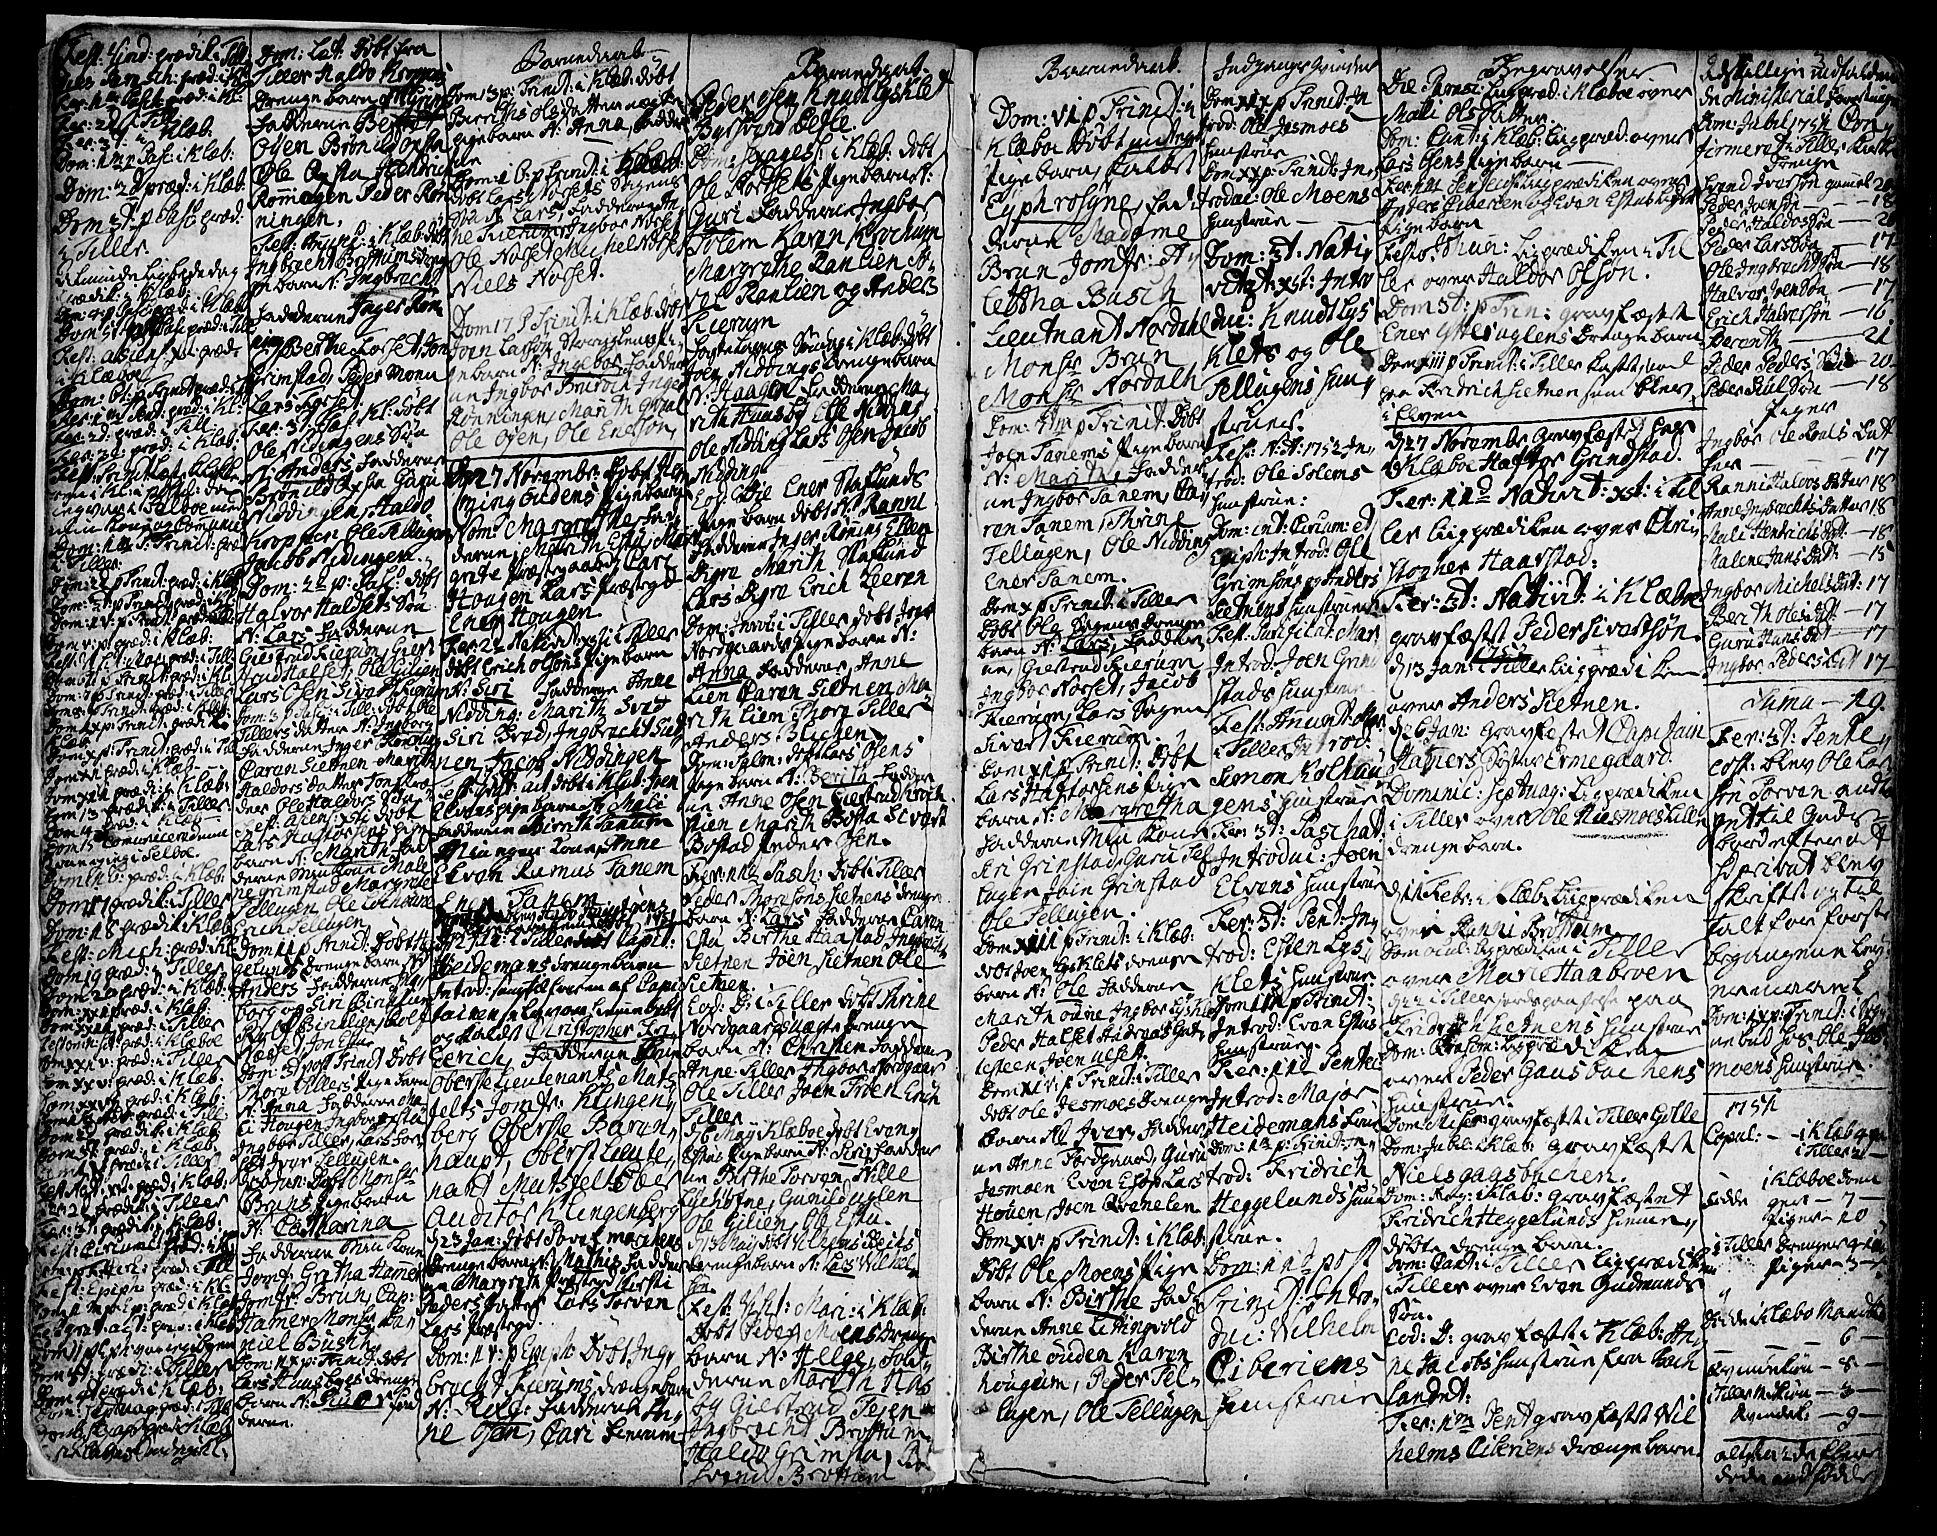 SAT, Ministerialprotokoller, klokkerbøker og fødselsregistre - Sør-Trøndelag, 618/L0437: Ministerialbok nr. 618A02, 1749-1782, s. 3